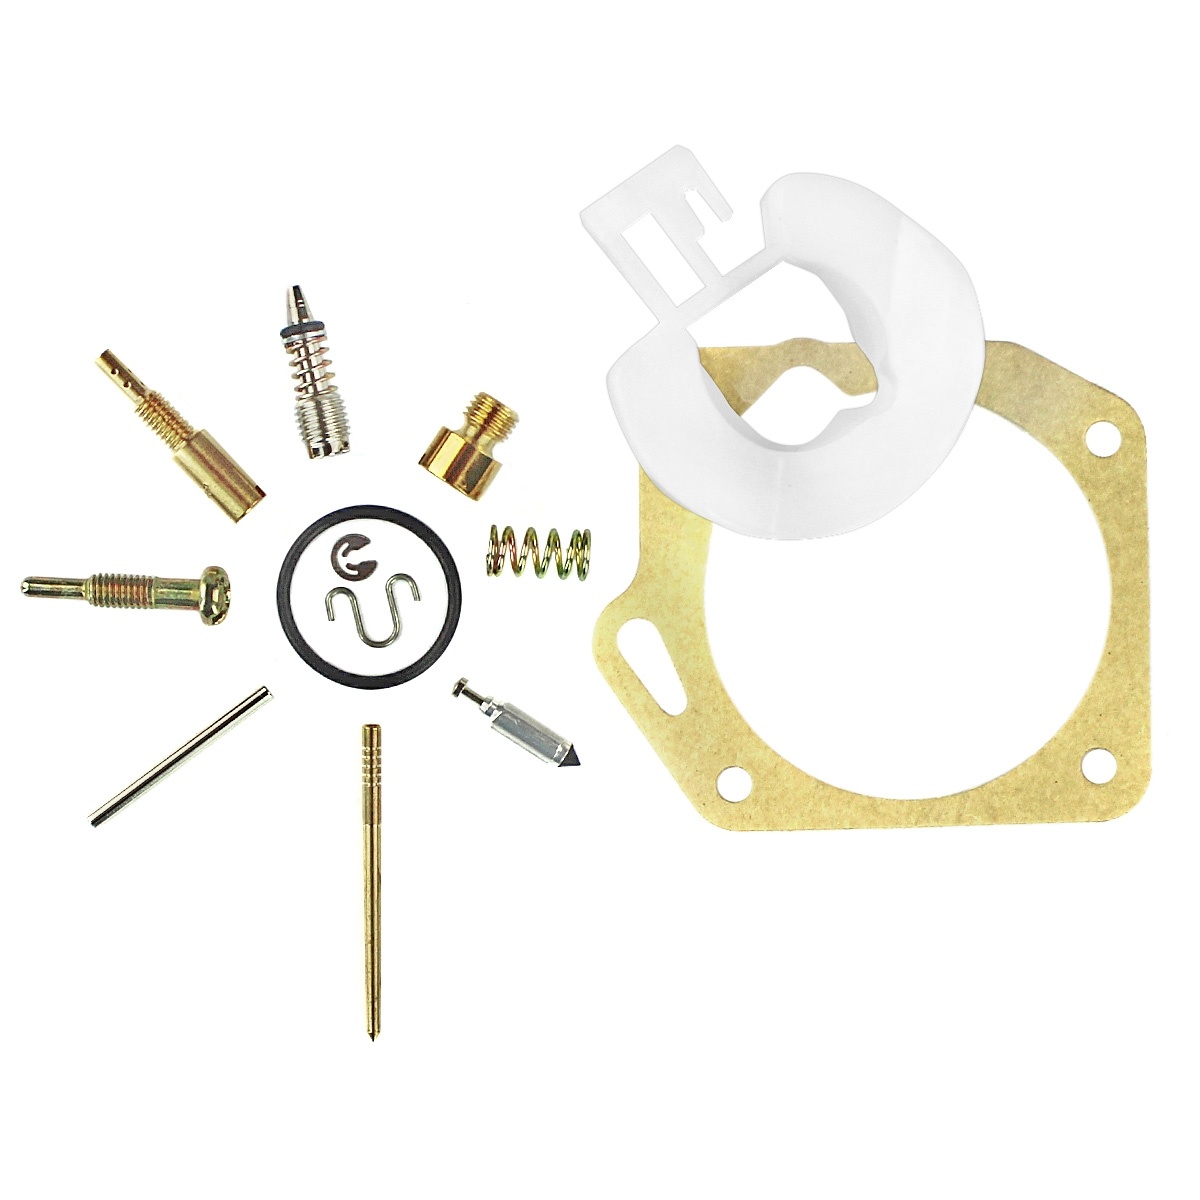 Kit réparation de carburateur Gy6 2T 50 cc